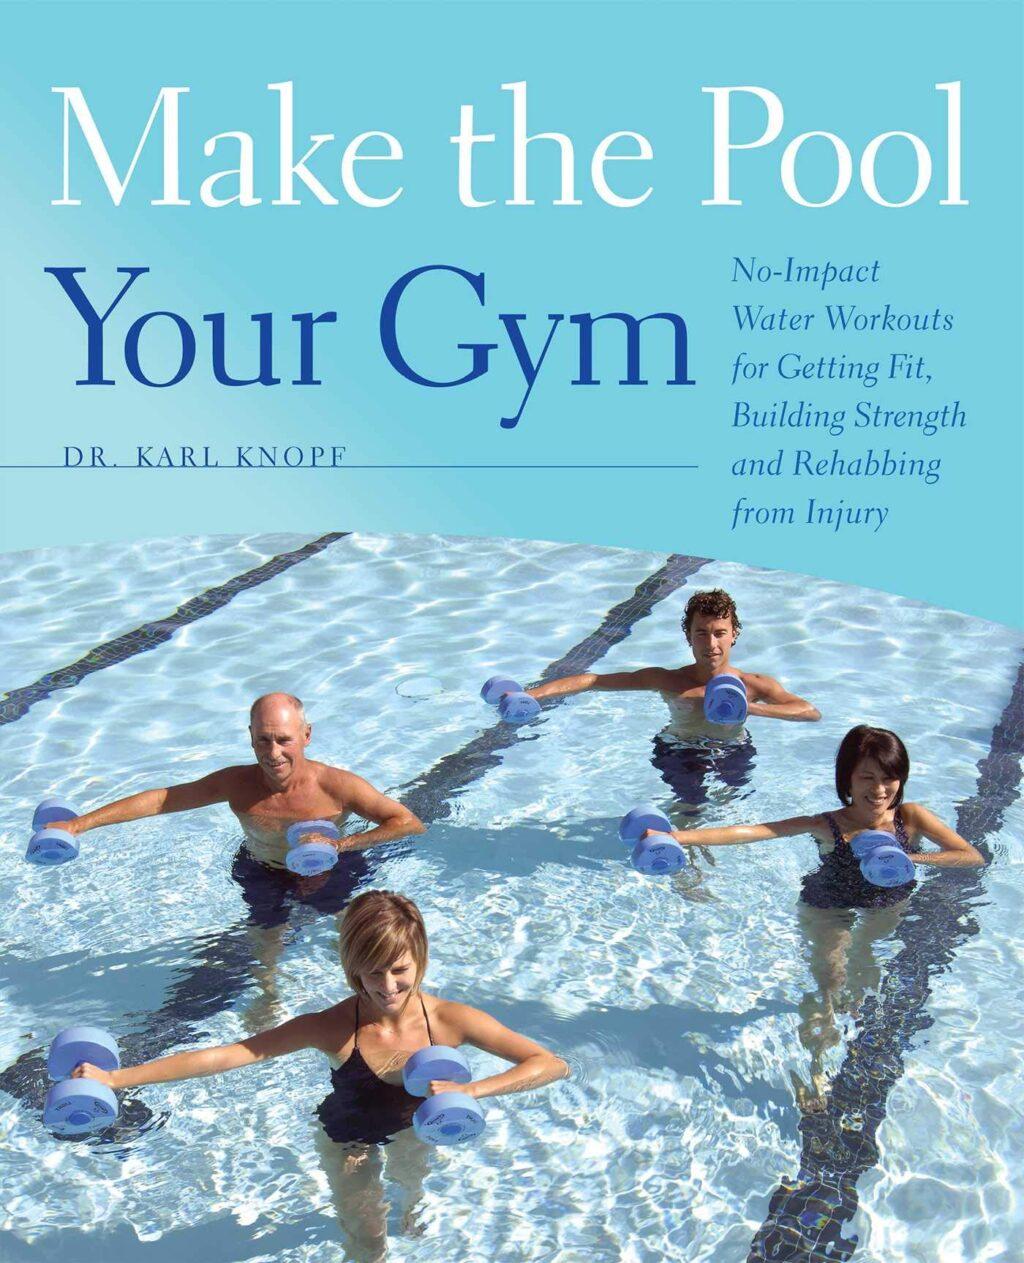 make-the-pool-your-gym